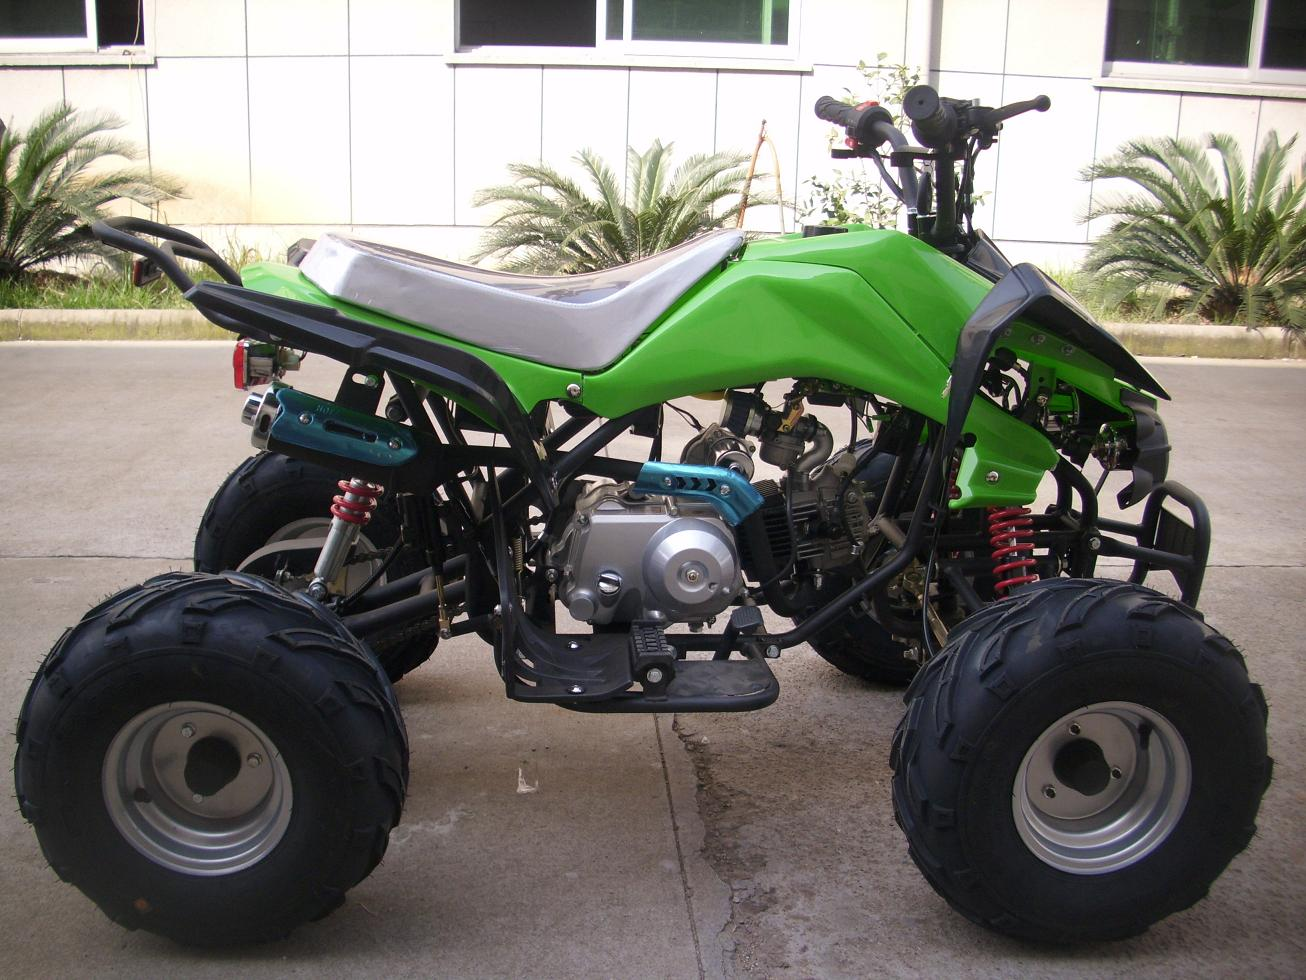 摩托 摩托车 1306_980